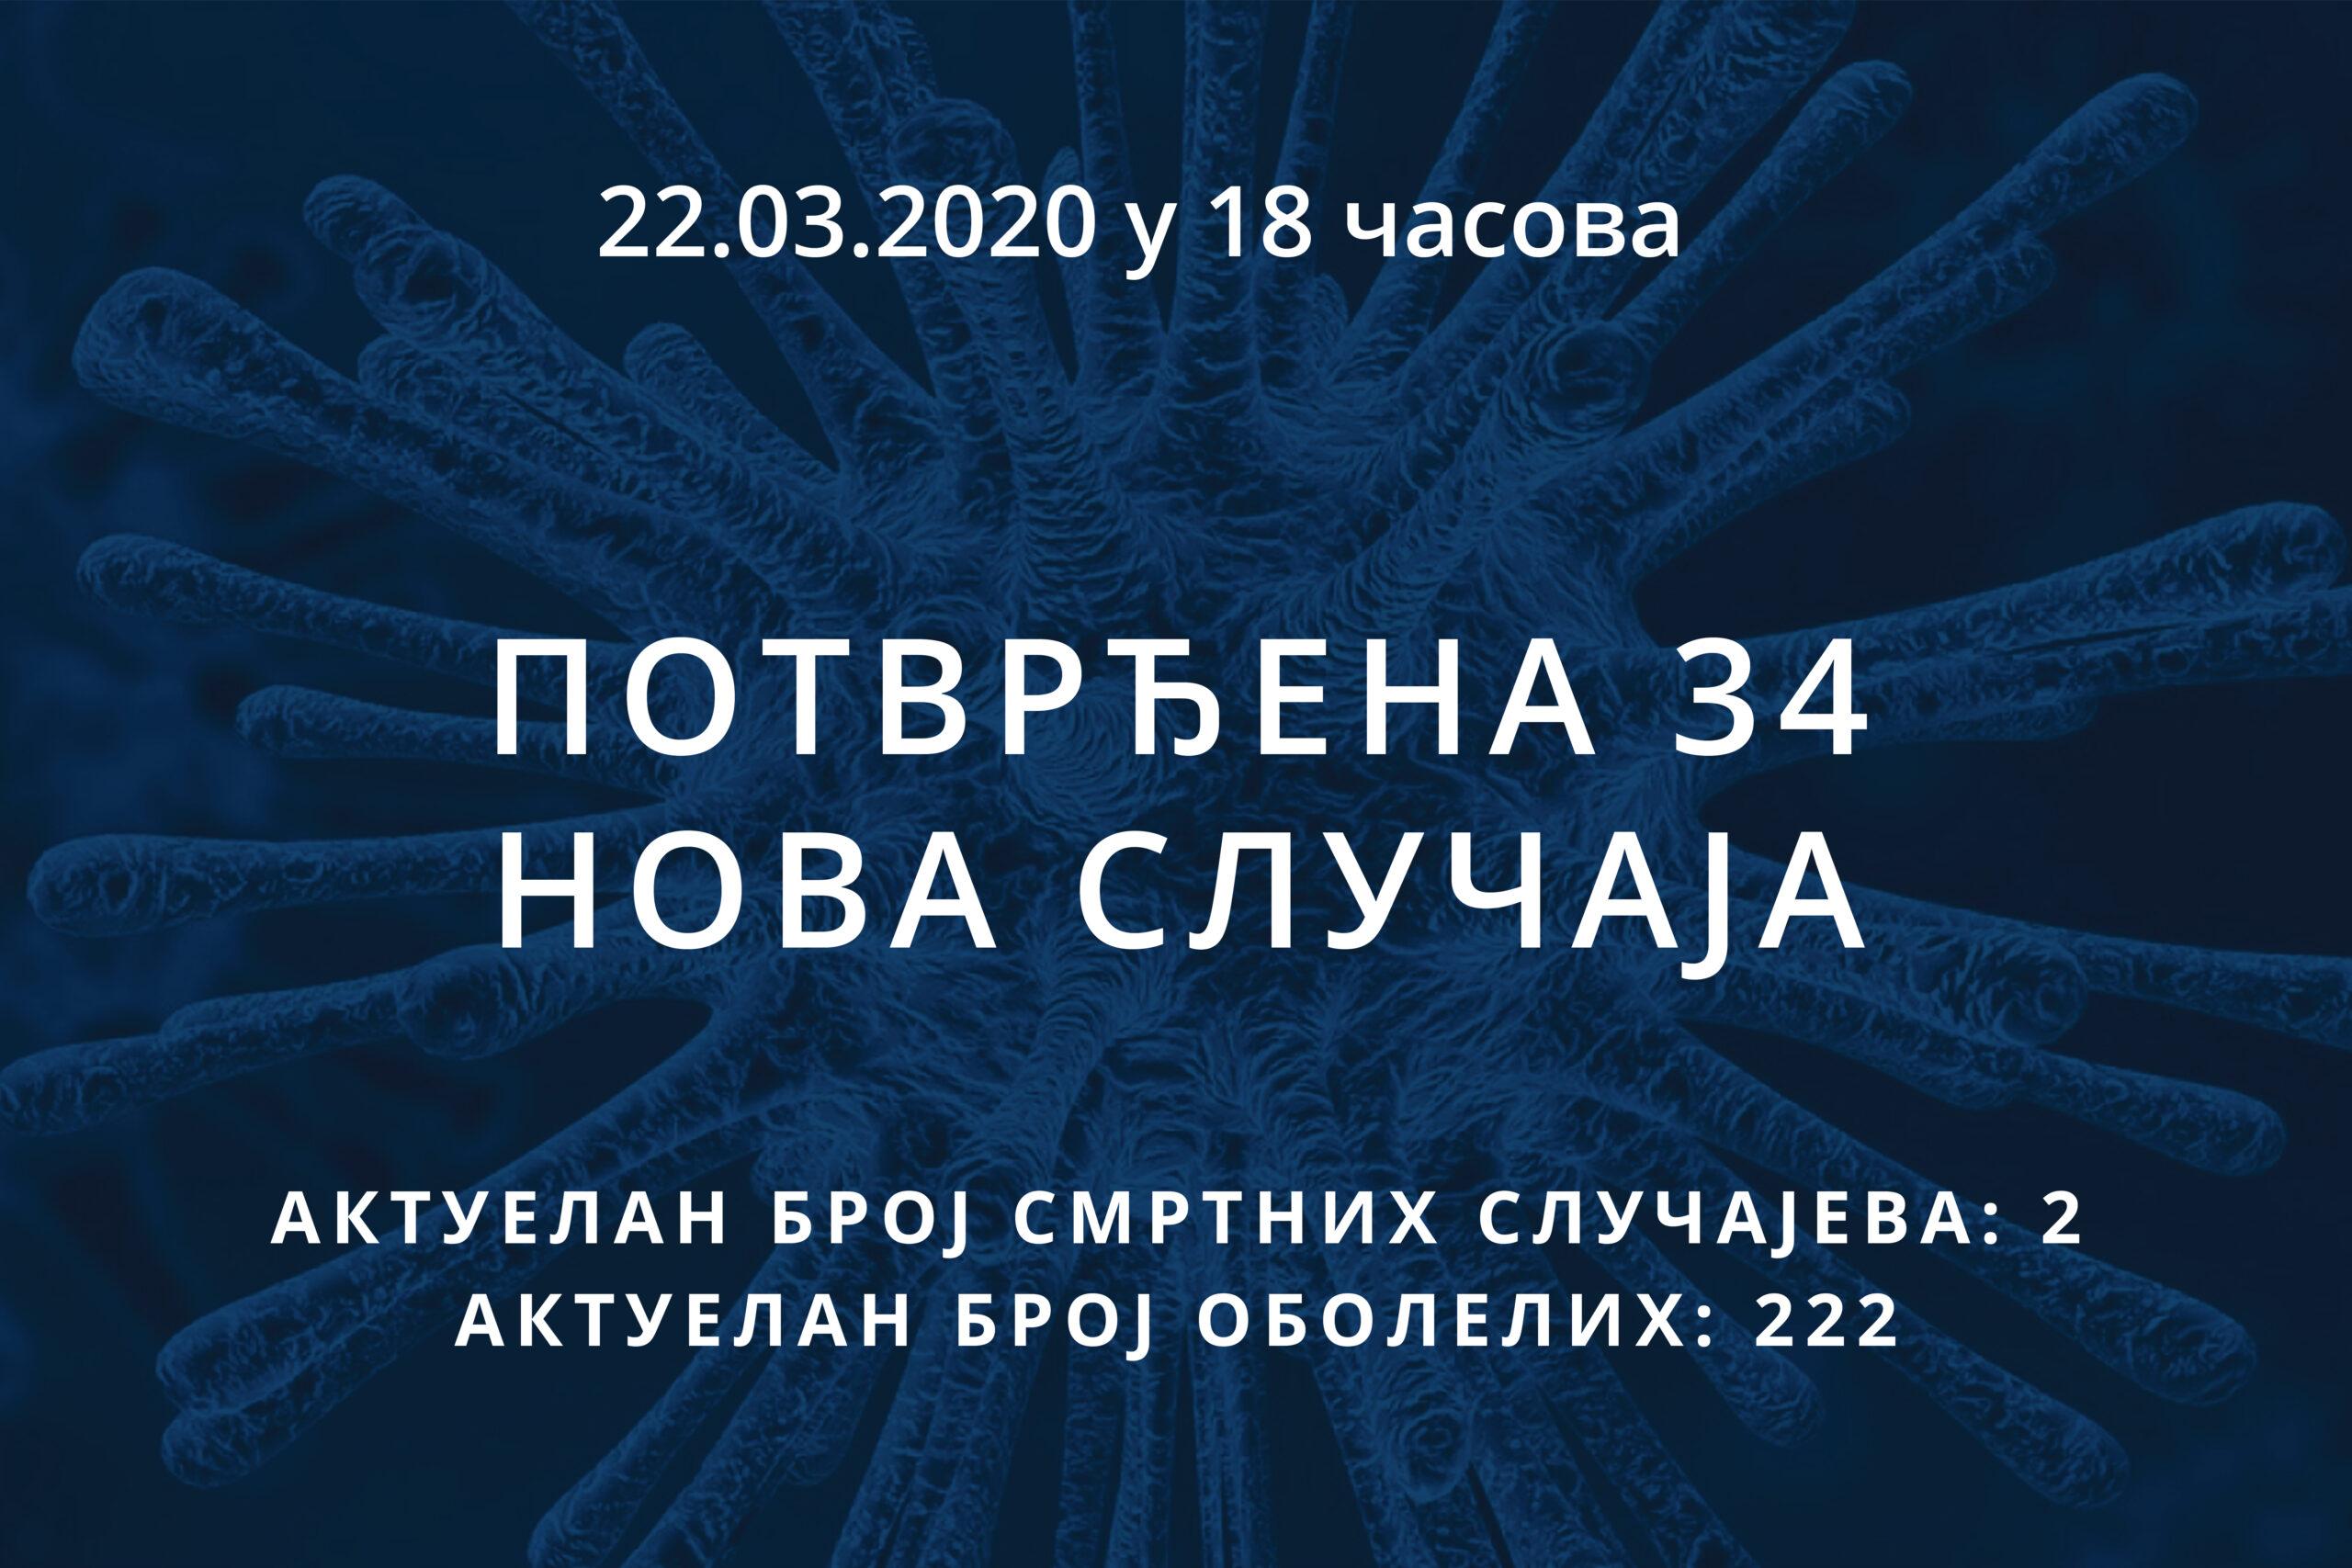 Информације о корона вирусу COVID-19, 22.03.2020 у 18 часова